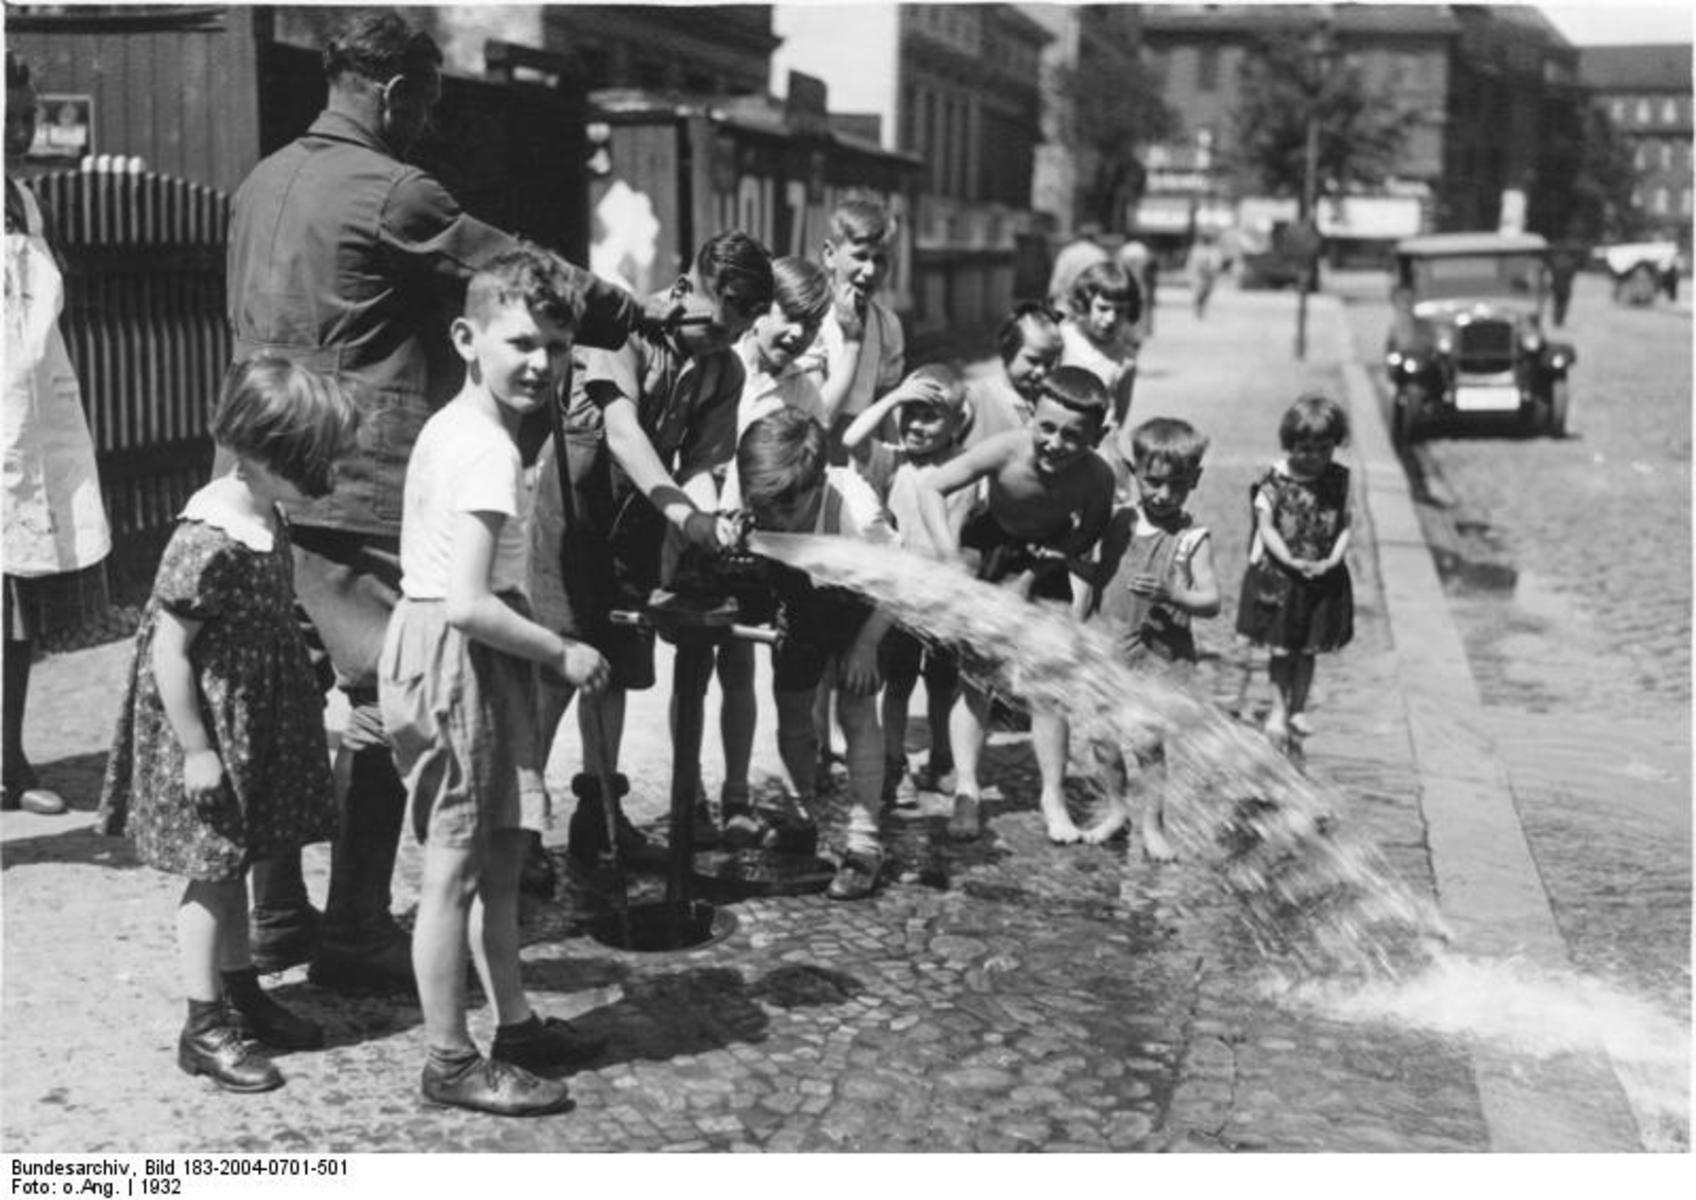 Bundesarchiv_Bild_183-2004-0701-501,_Berlin,_willkommene_Erfrischung.jpg